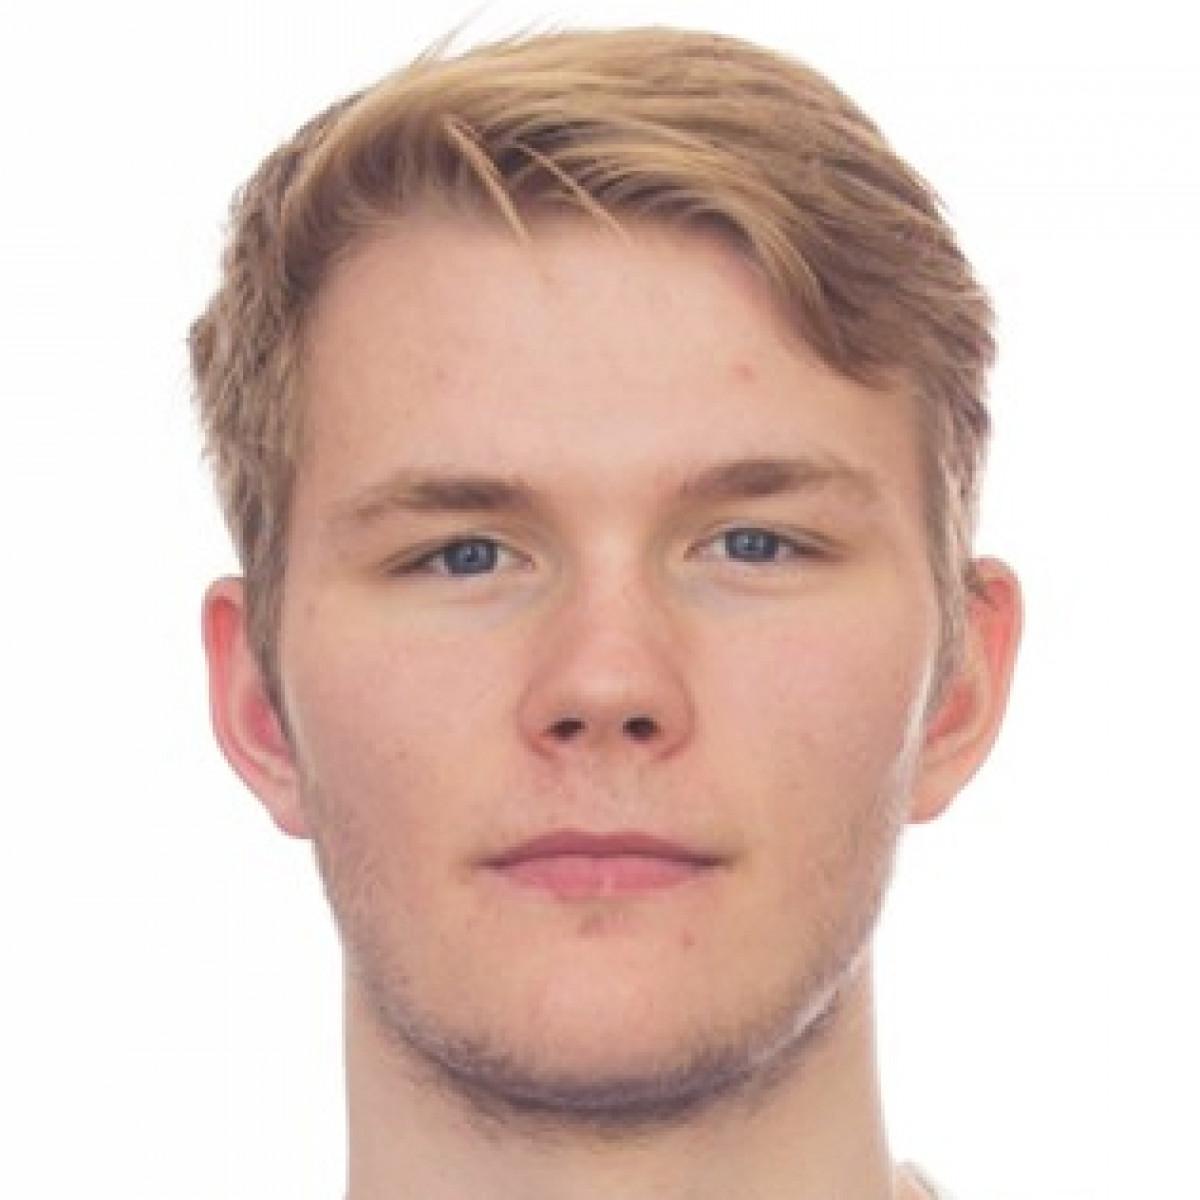 Rafn Kristjansson